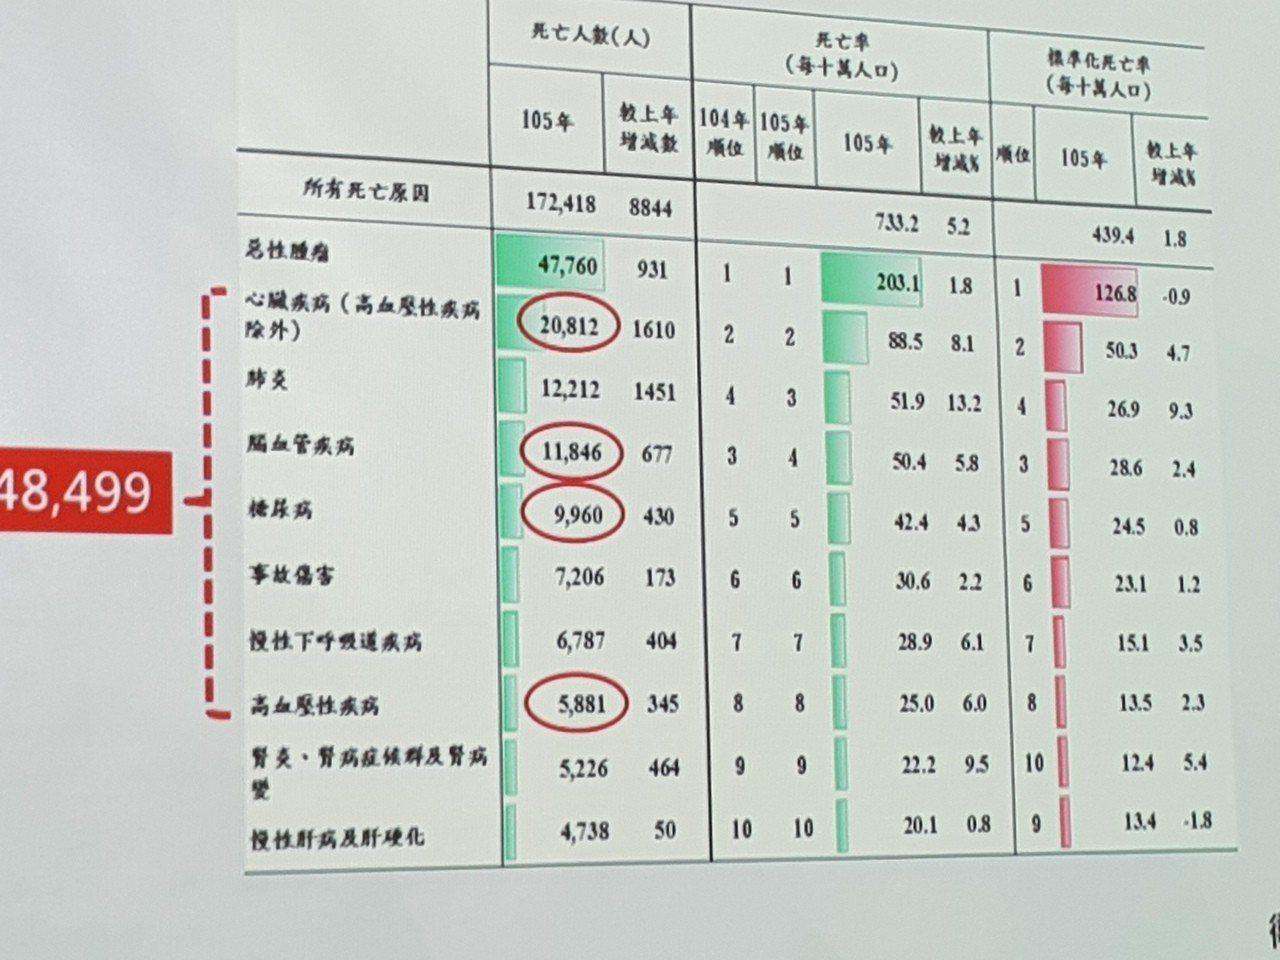 台灣連續兩人與心血管相關死亡人數高過癌症。記者修瑞瑩/翻攝